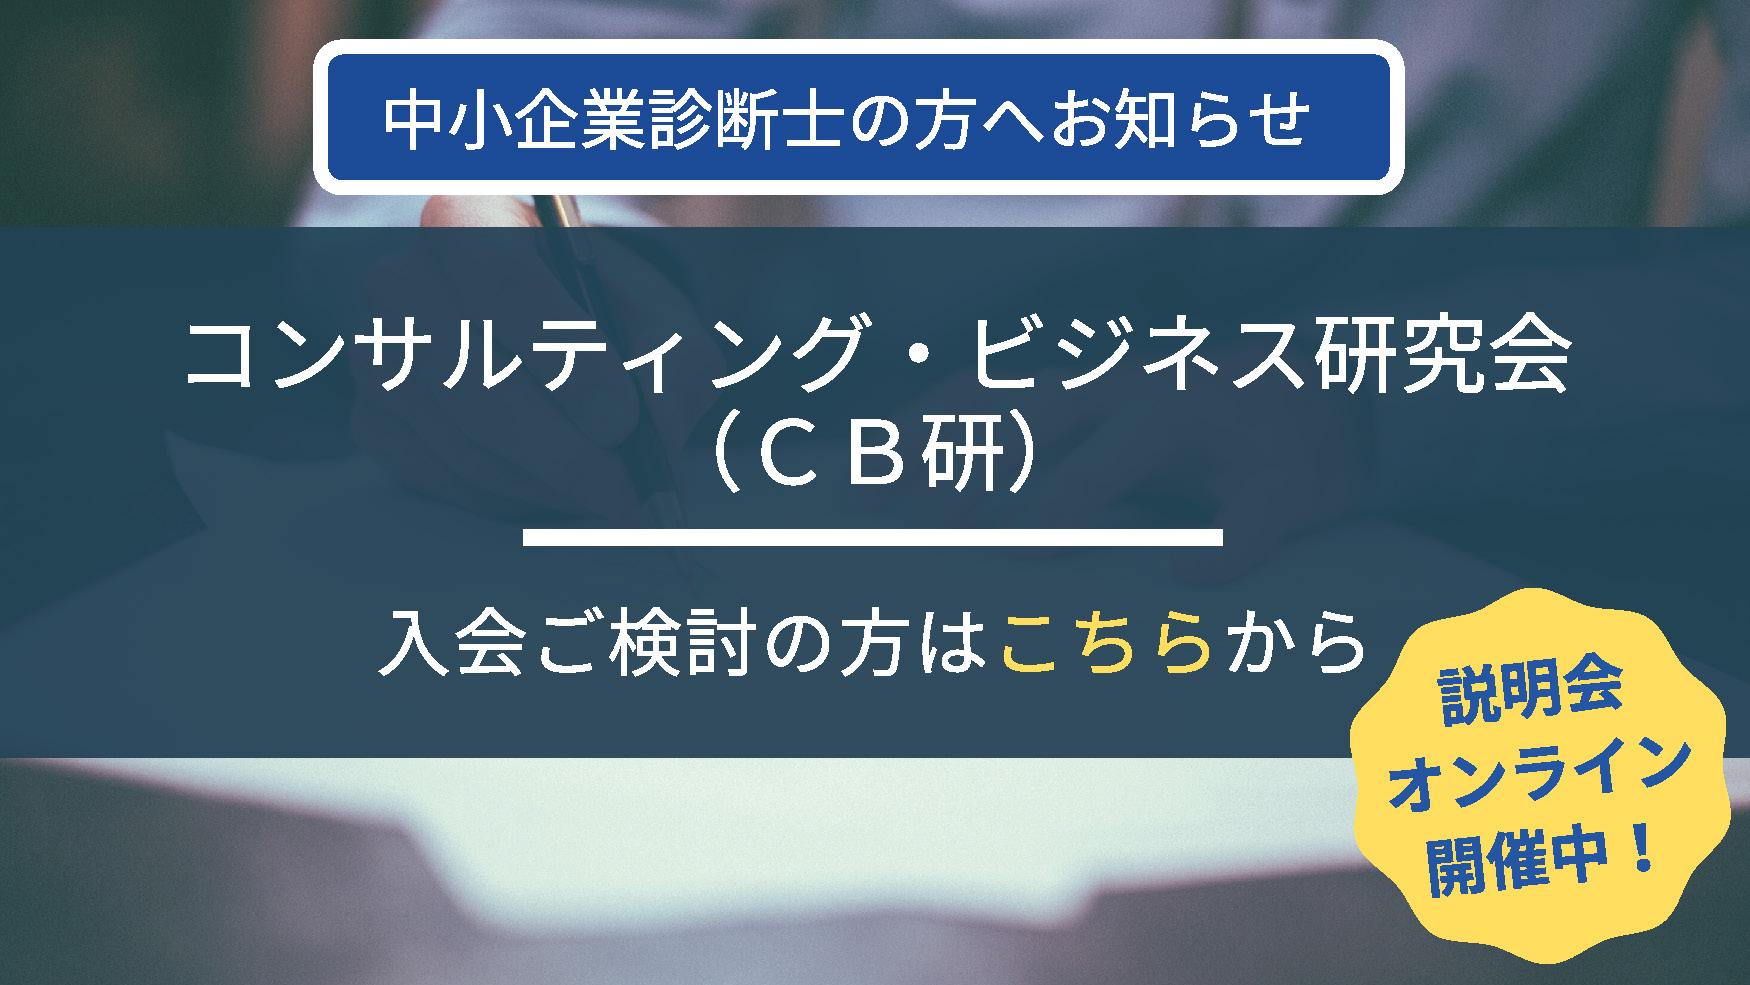 コンサルティング・ビジネス研究会(CB研)説明会順次開催予定!